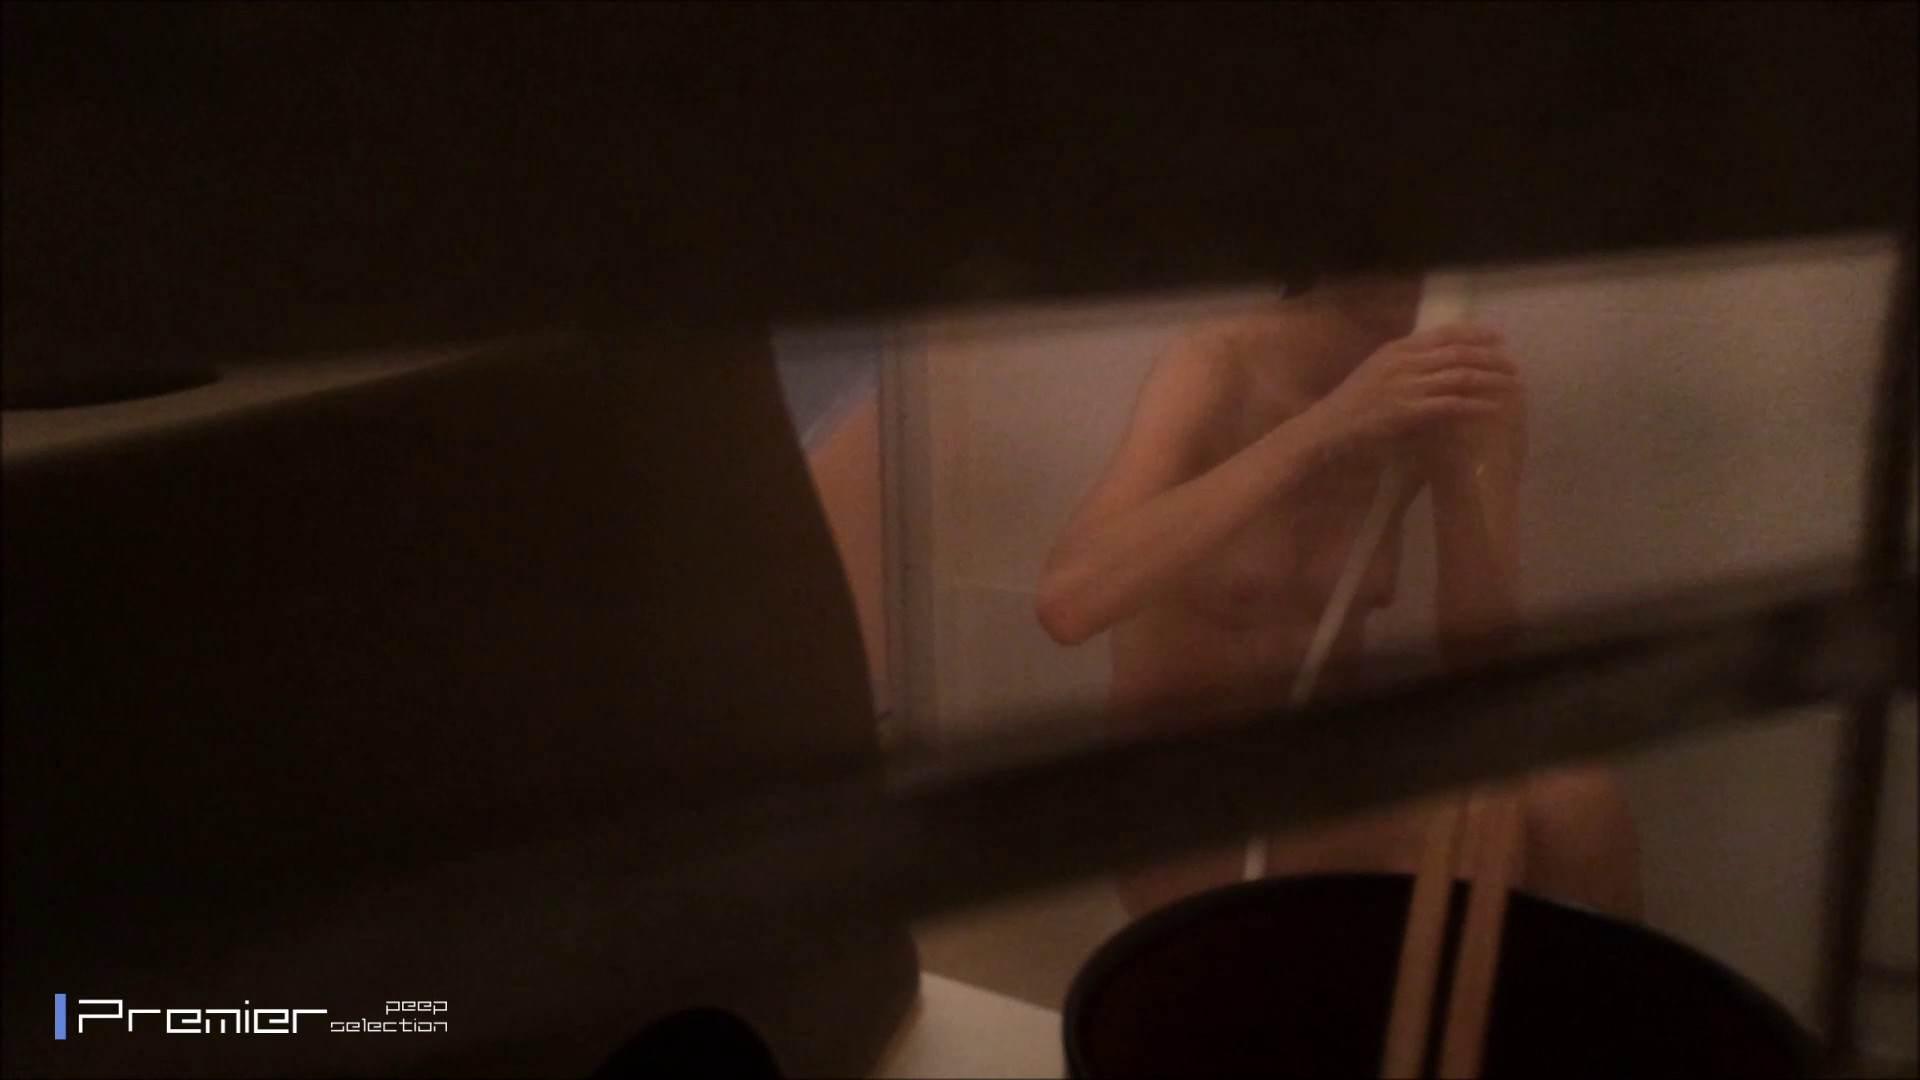 高画質フルハイビジョン スレンダー美女の入浴 乙女の風呂場 Vol.04 入浴 おまんこ動画流出 76枚 29